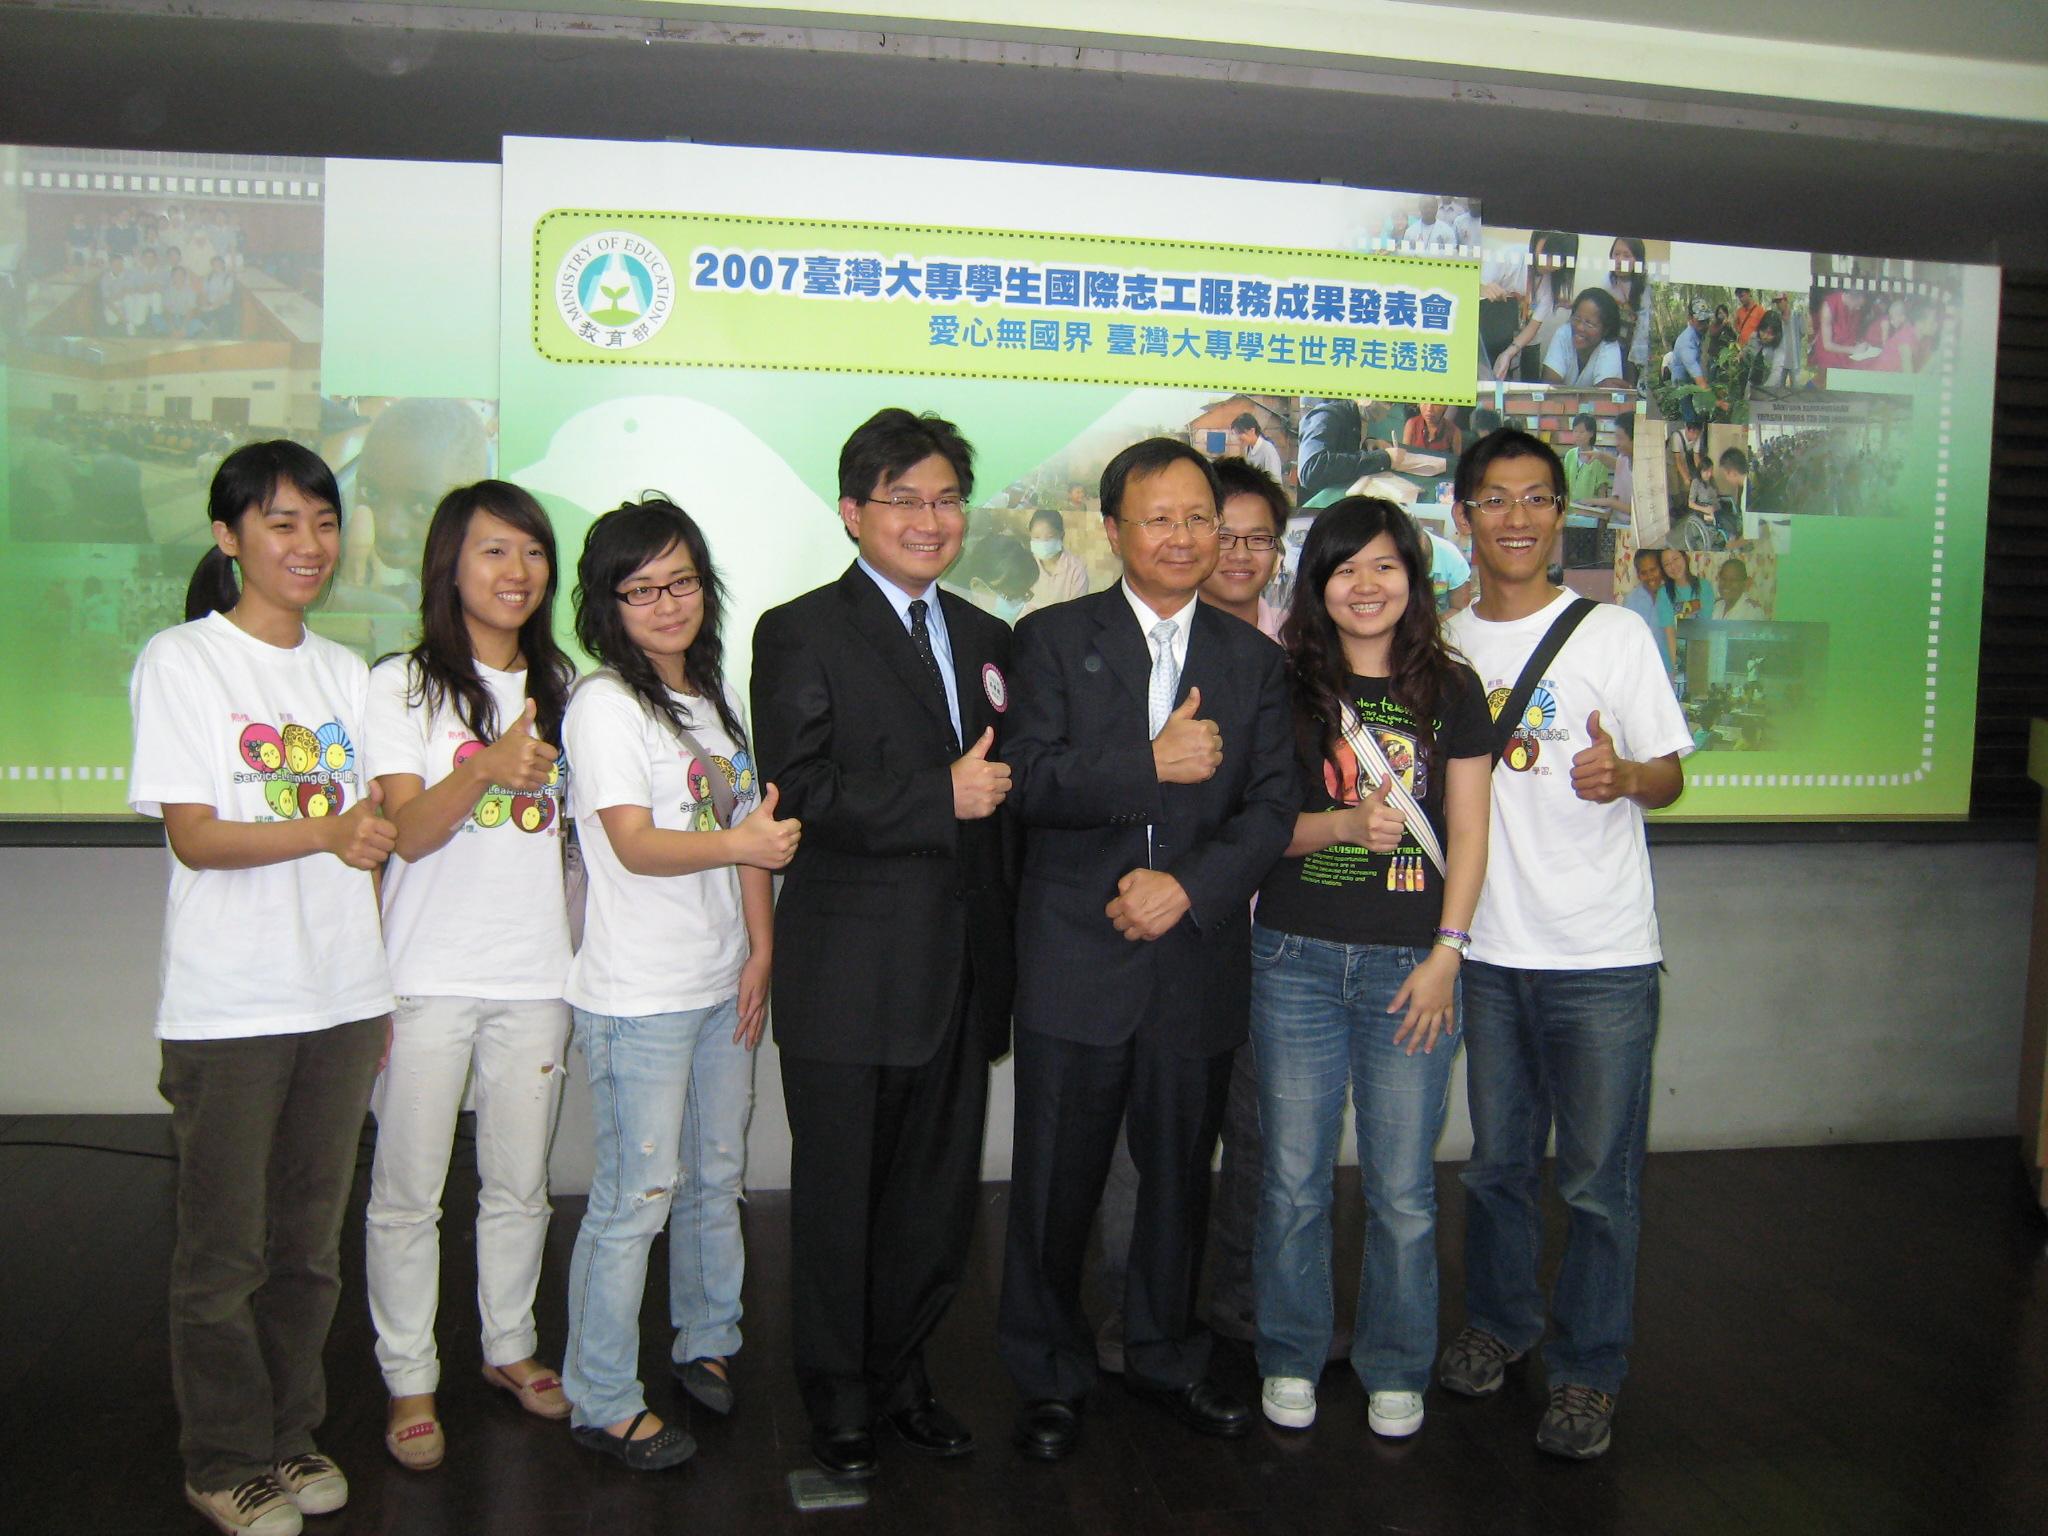 中原大學國際志工成績受肯定 受邀參加教育部記者會